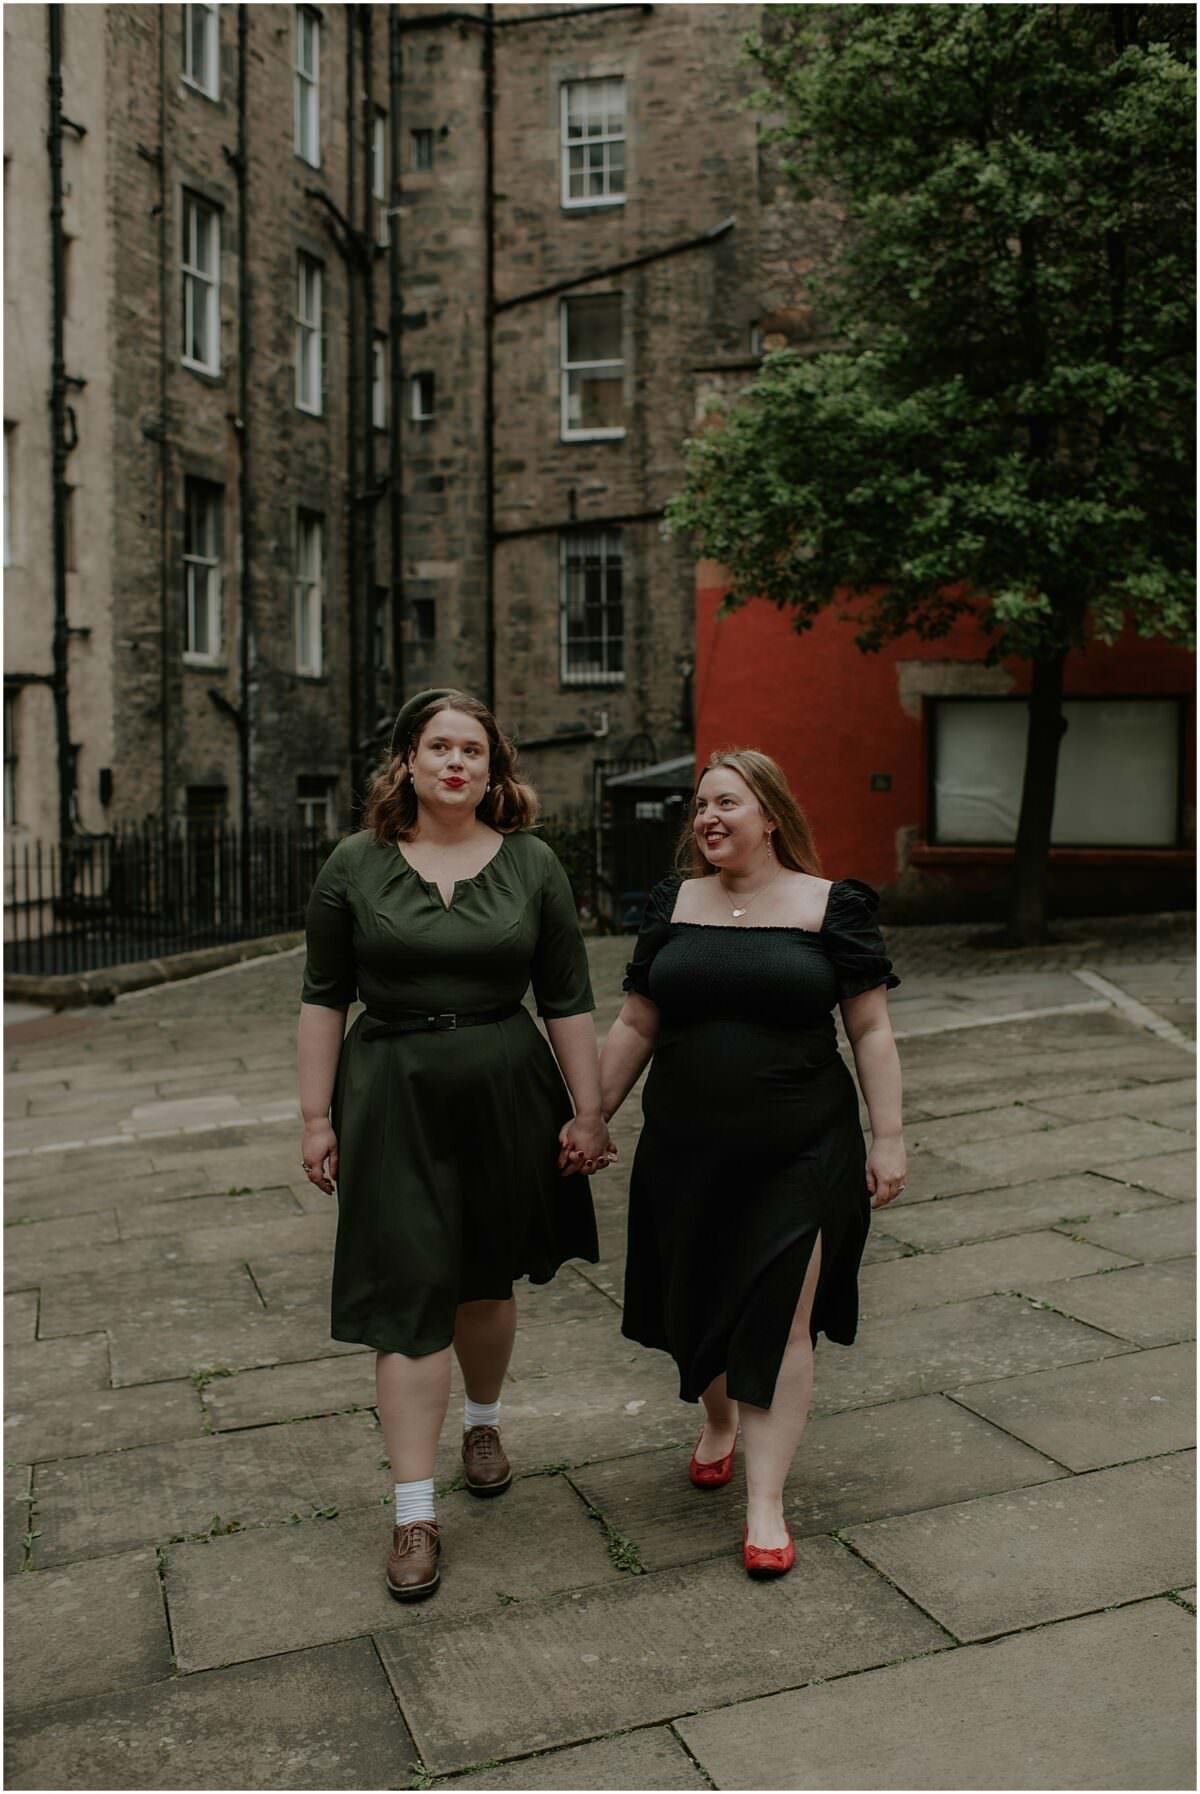 Same sex engagement photographer Scotland - same-sex wedding photographer Scotland